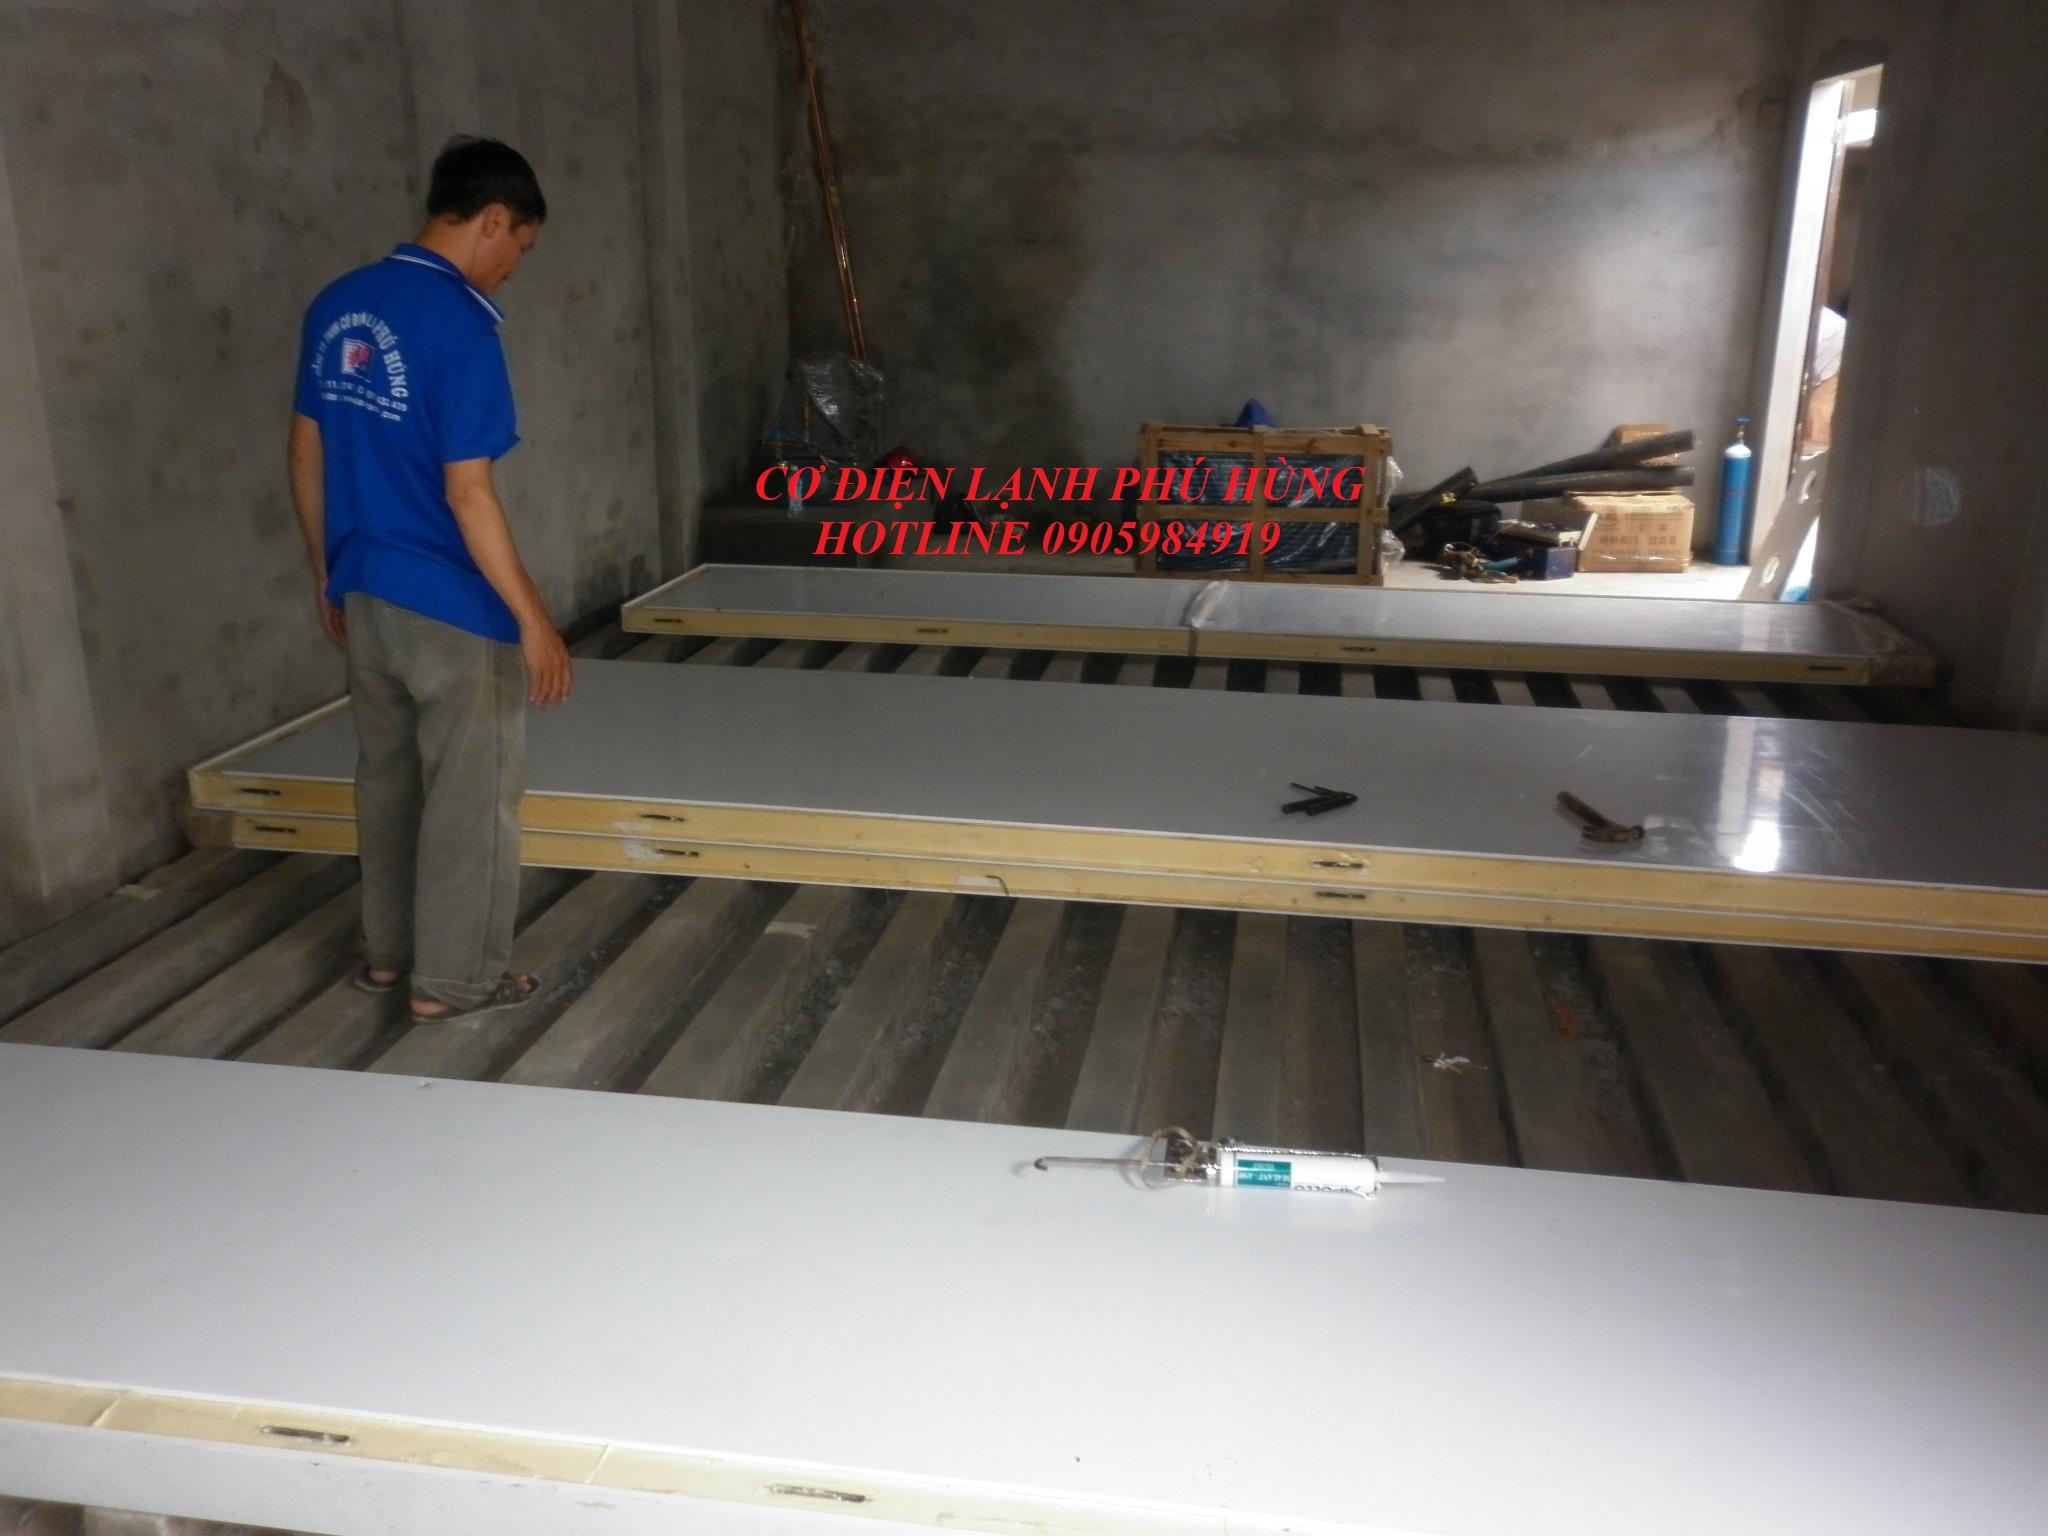 mkah1 - Kho lạnh bảo quản mực khô - DNTN Tống Viết Hùng